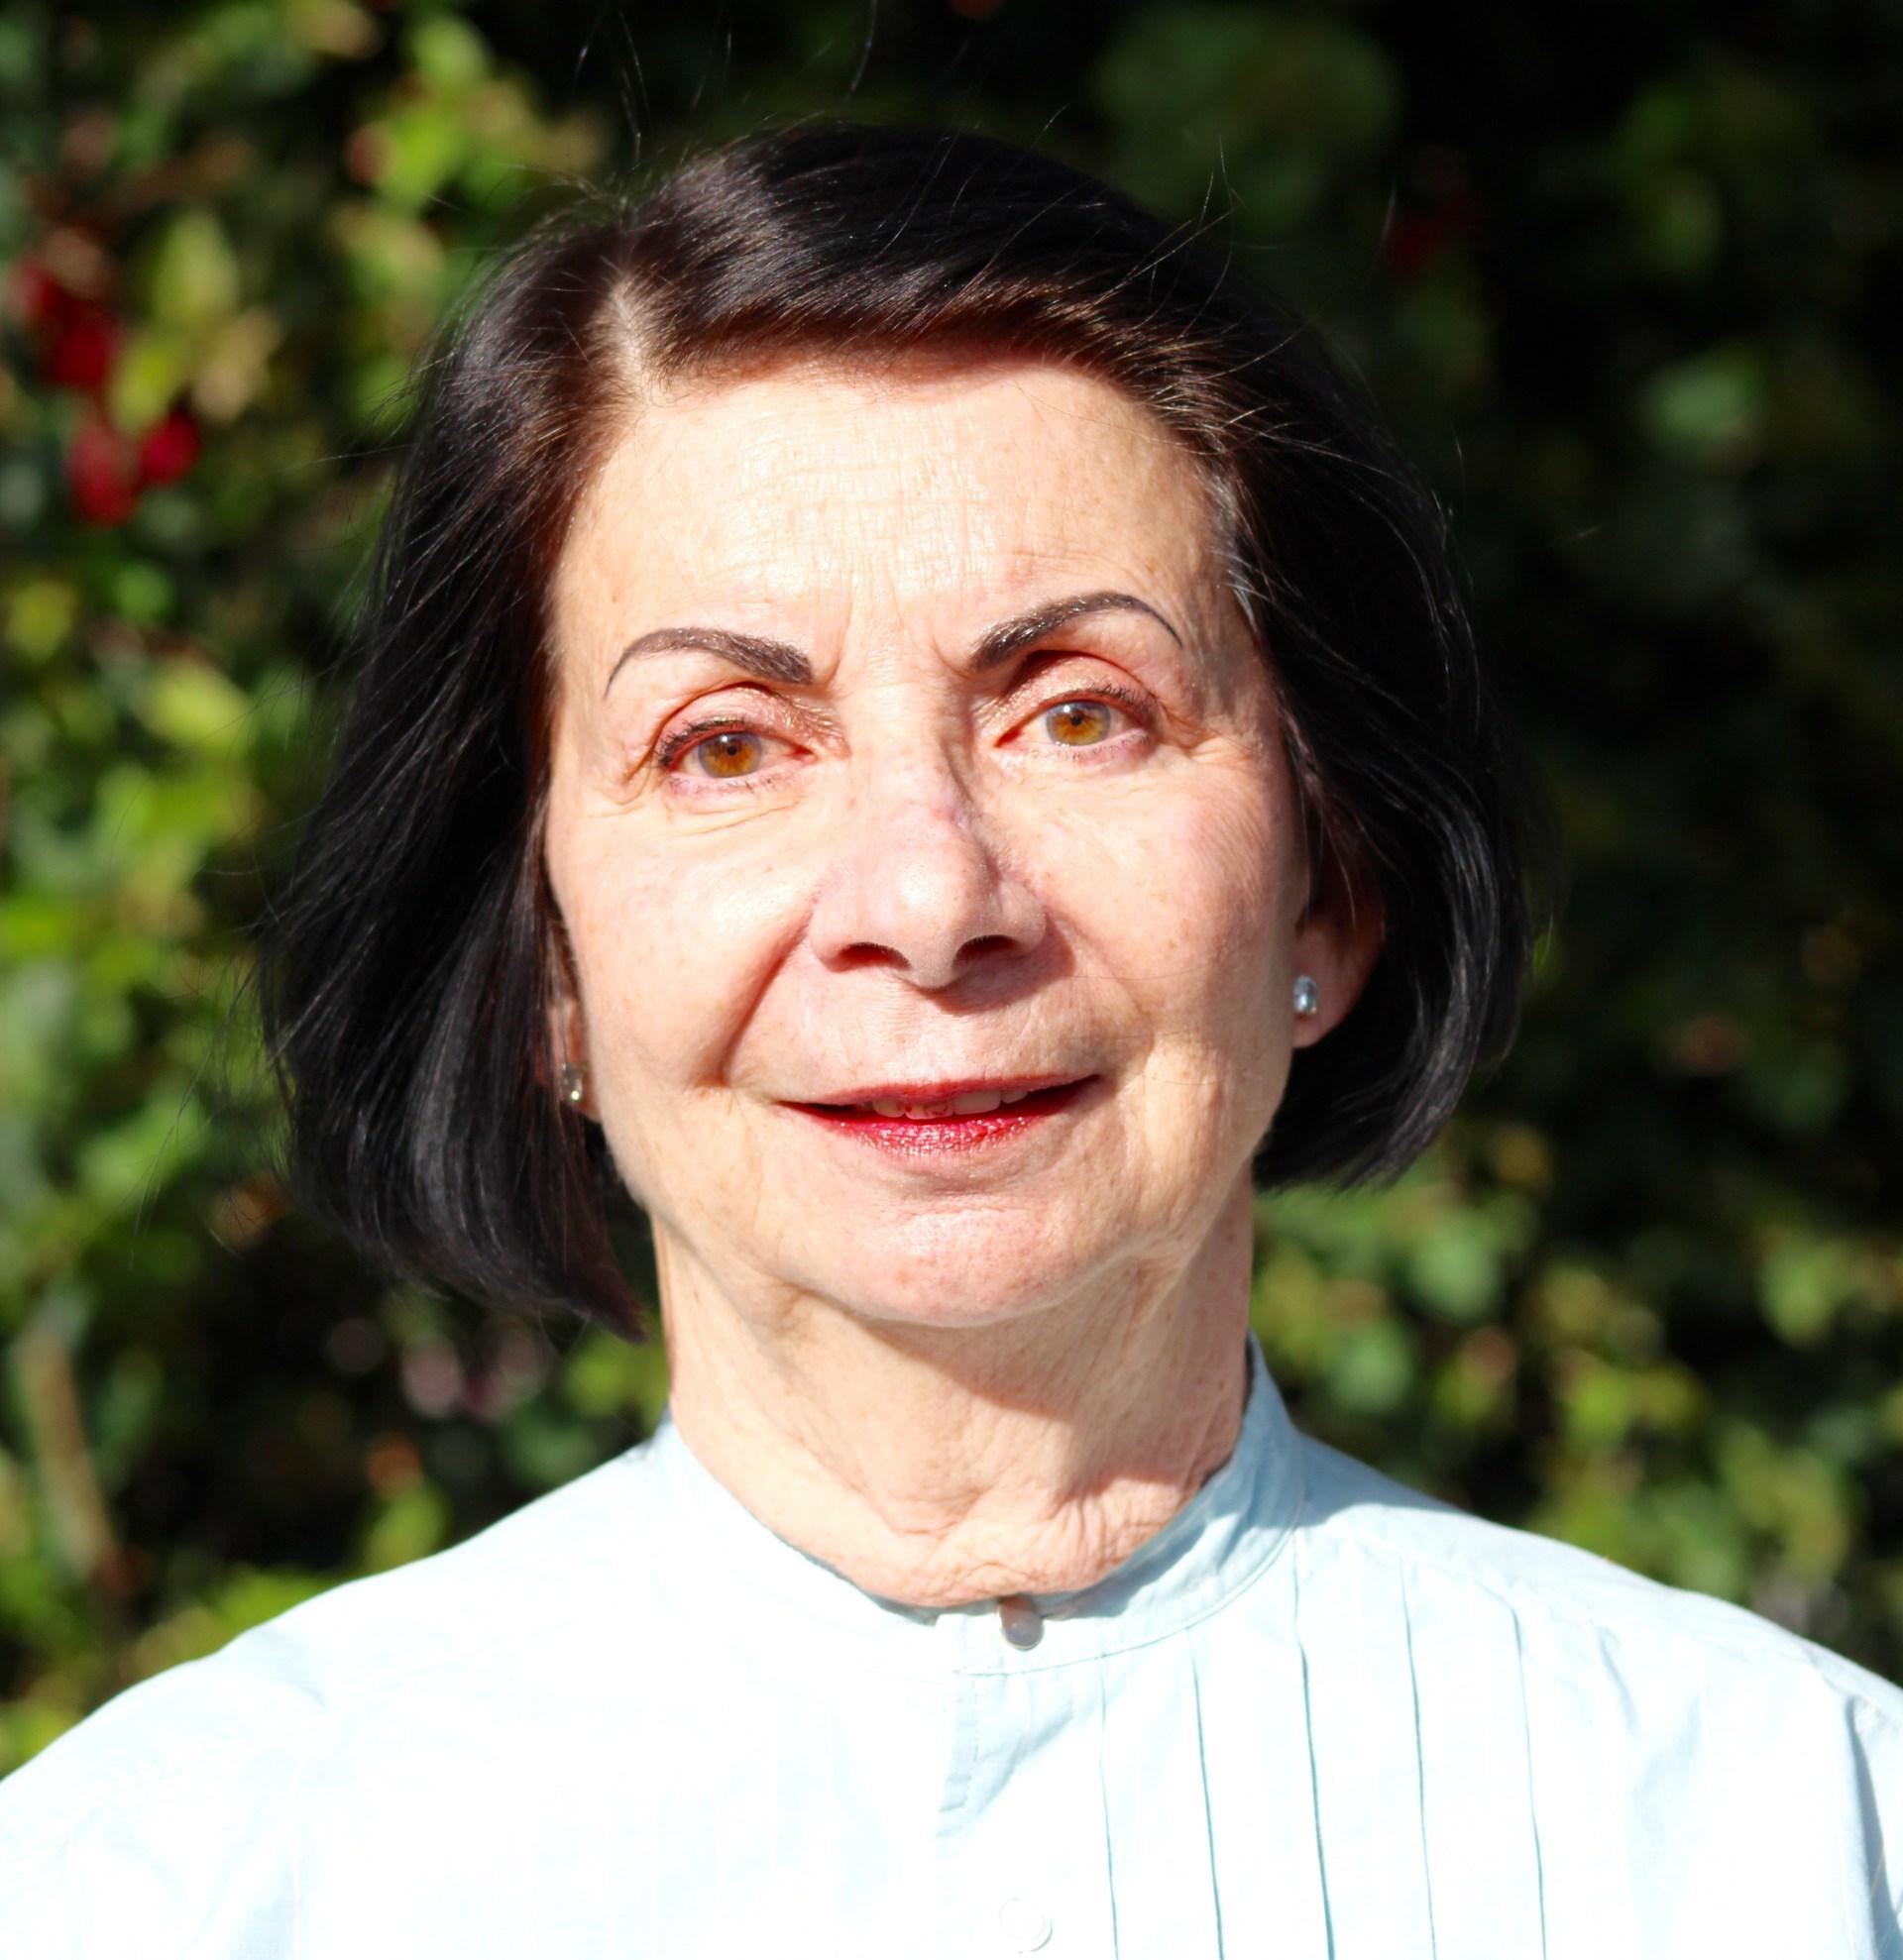 Elaine Lissy